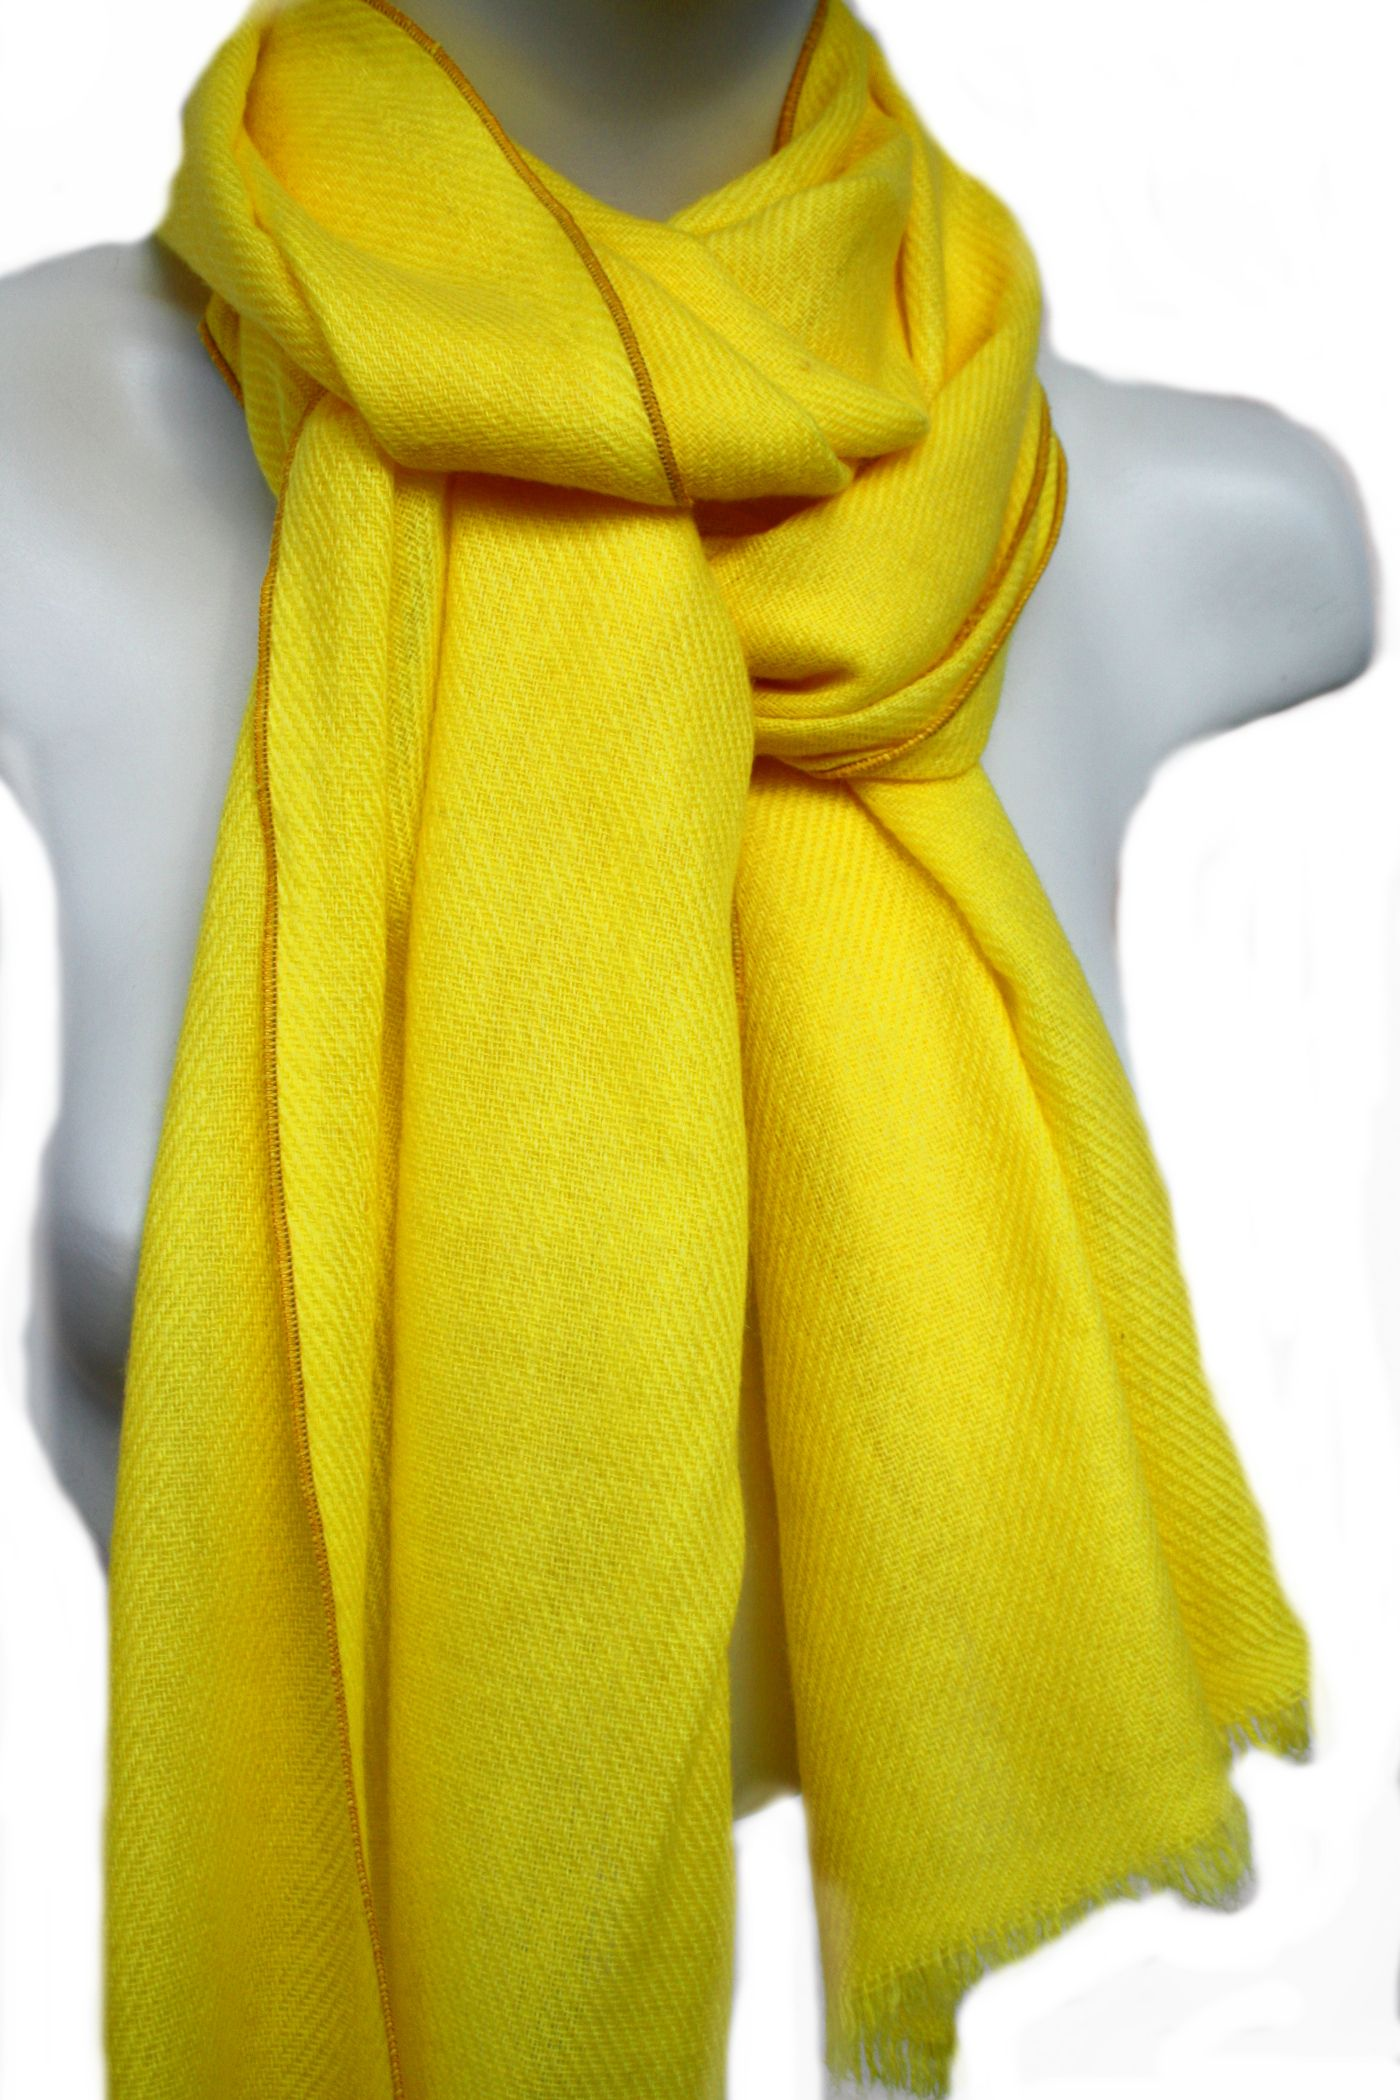 fbb83a21c660c2 Gelber CASHMERESCHAL, zeitlos als Damenschal & Herrenschal für alle  Gelegenheiten, Sie werden sich wohlfühlen